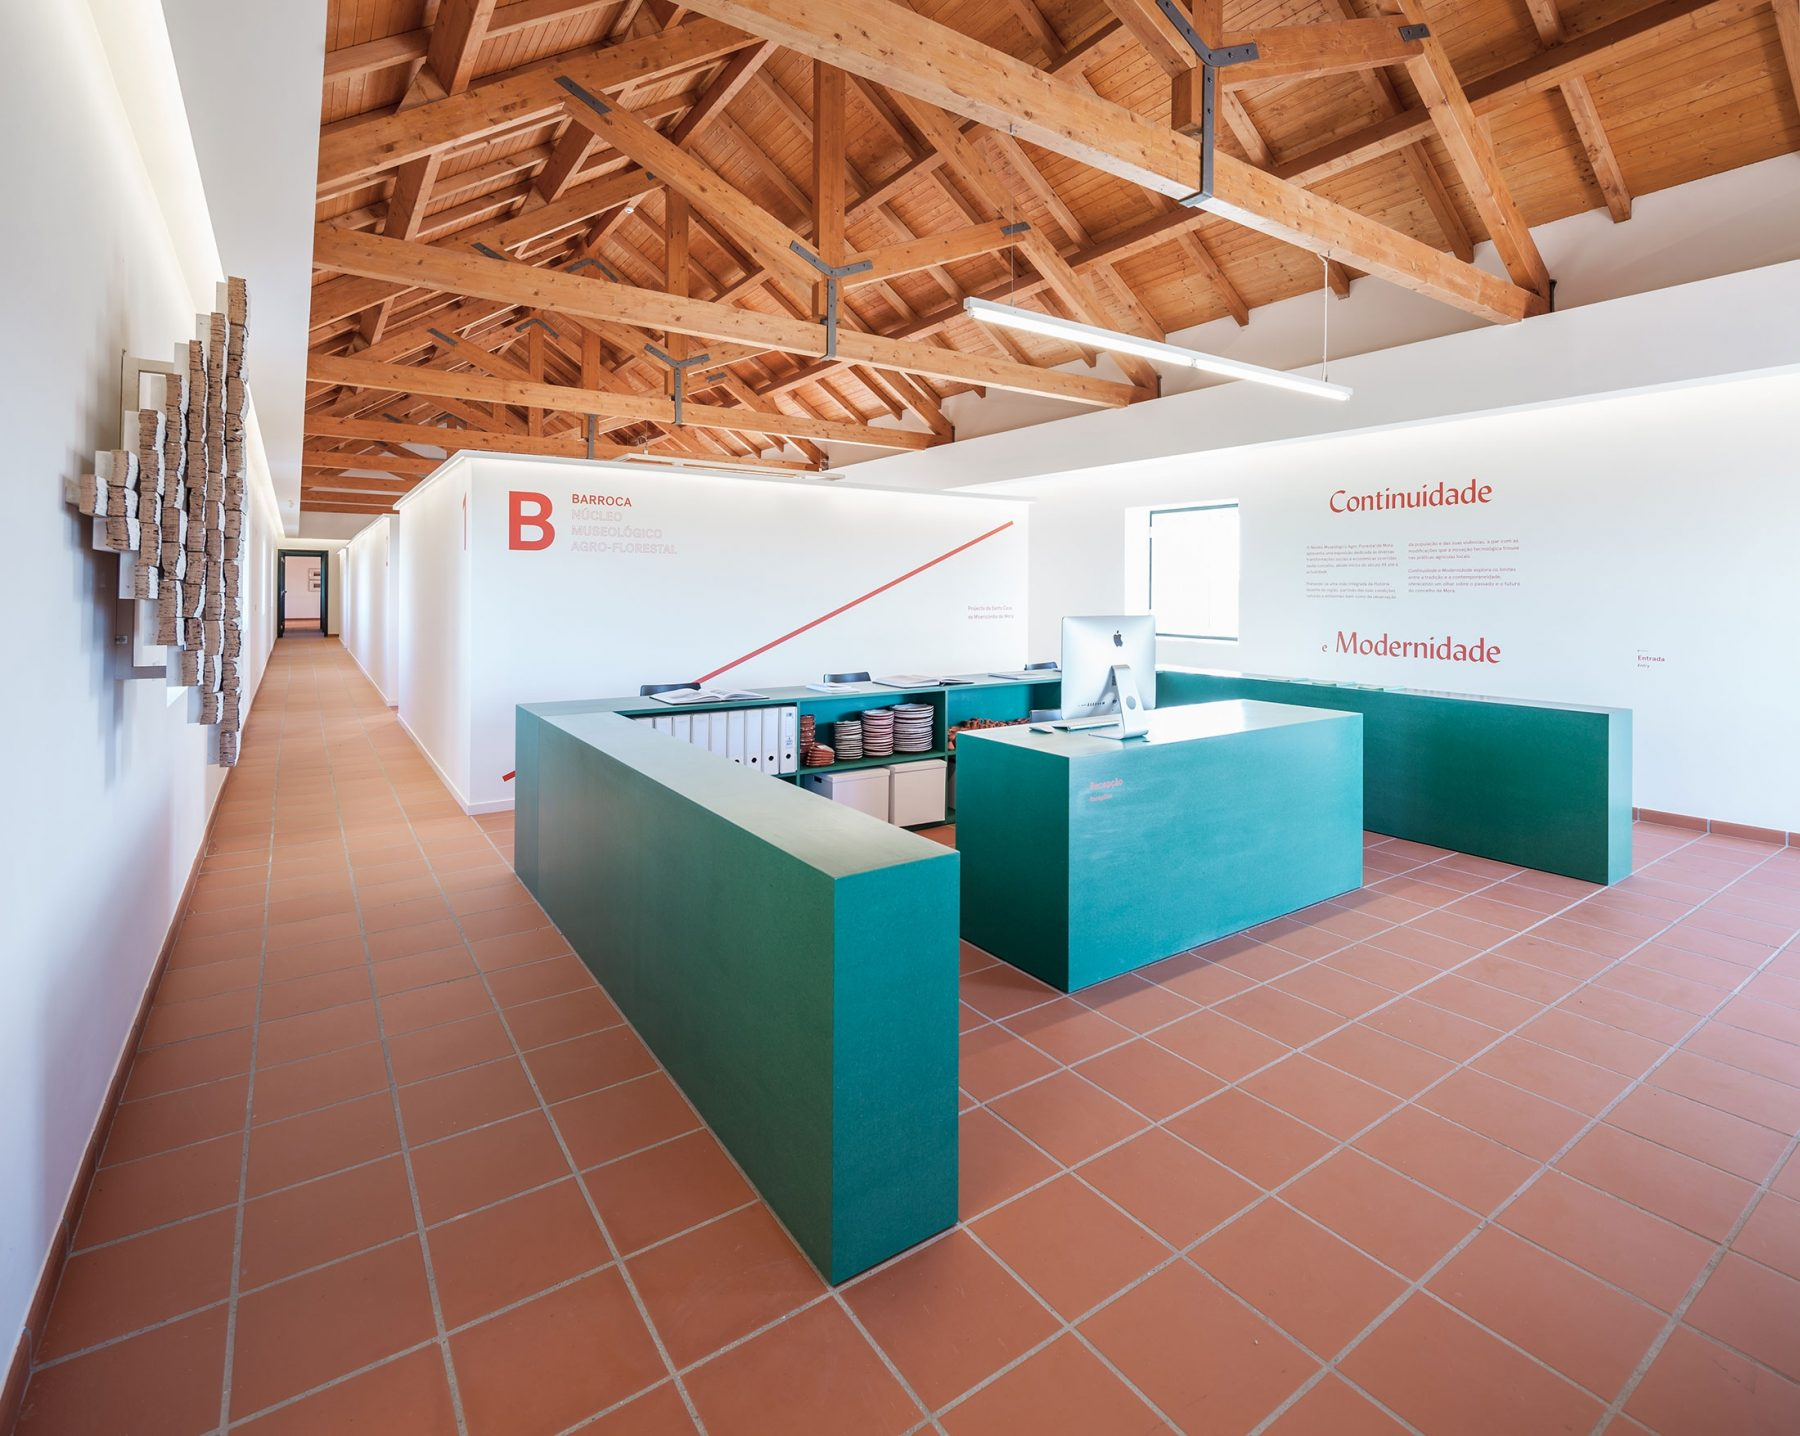 dc ad barroca museum architecture 00